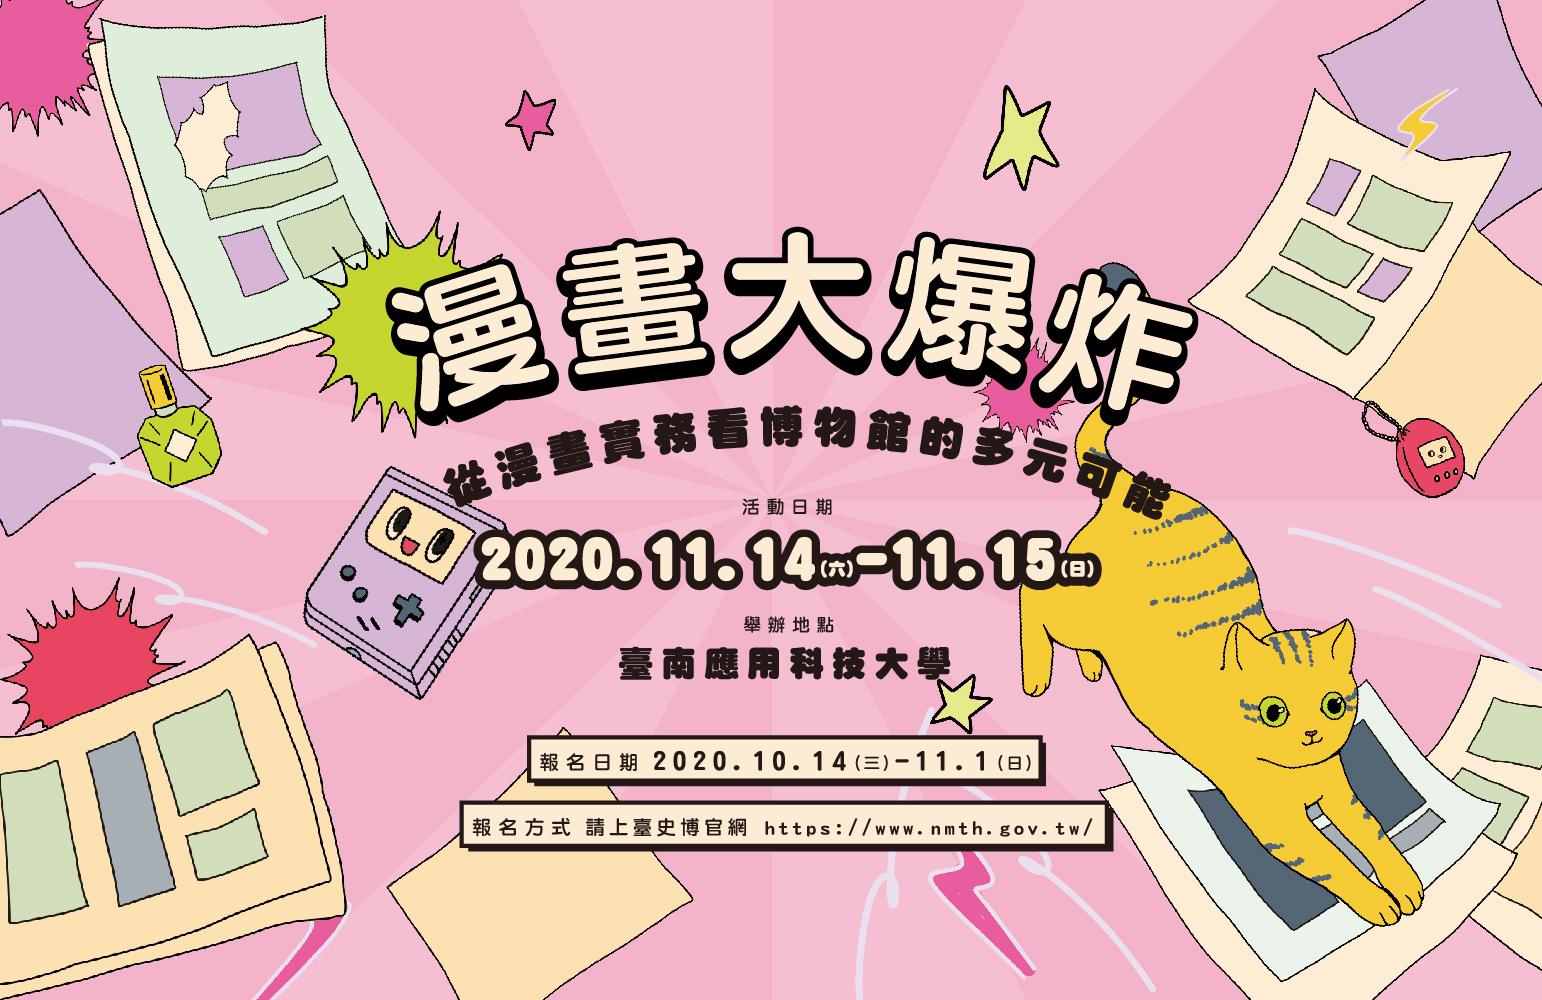 國立臺灣歷史博物館:2020/11/14、11/15【論壇/漫畫大爆炸——從漫畫實務看博物館的多元可能】